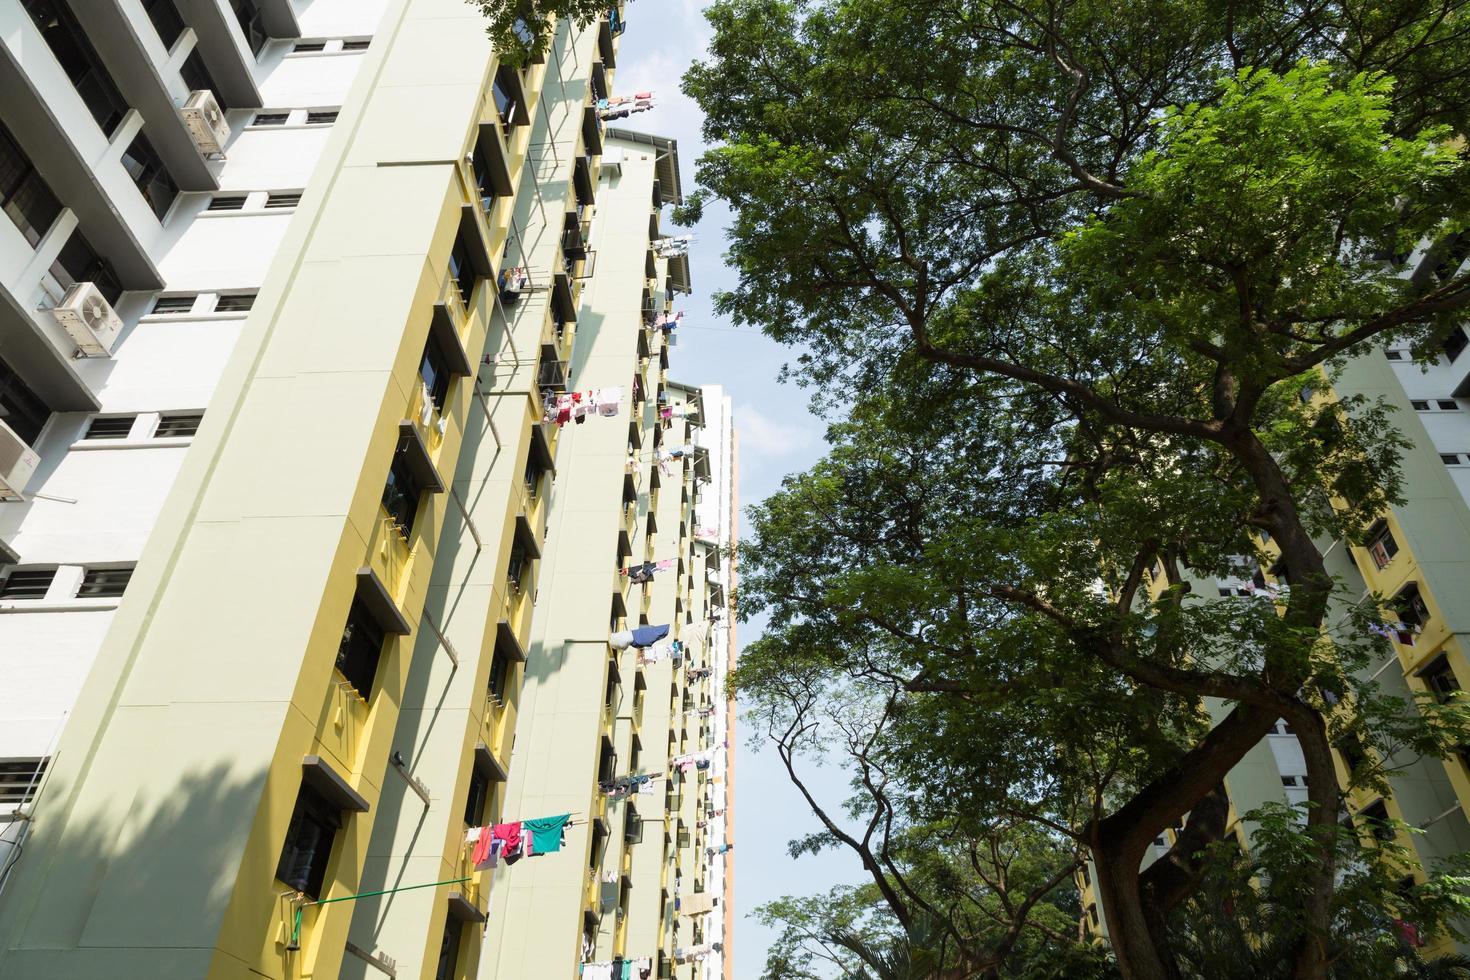 edifici condominiali a singapore foto